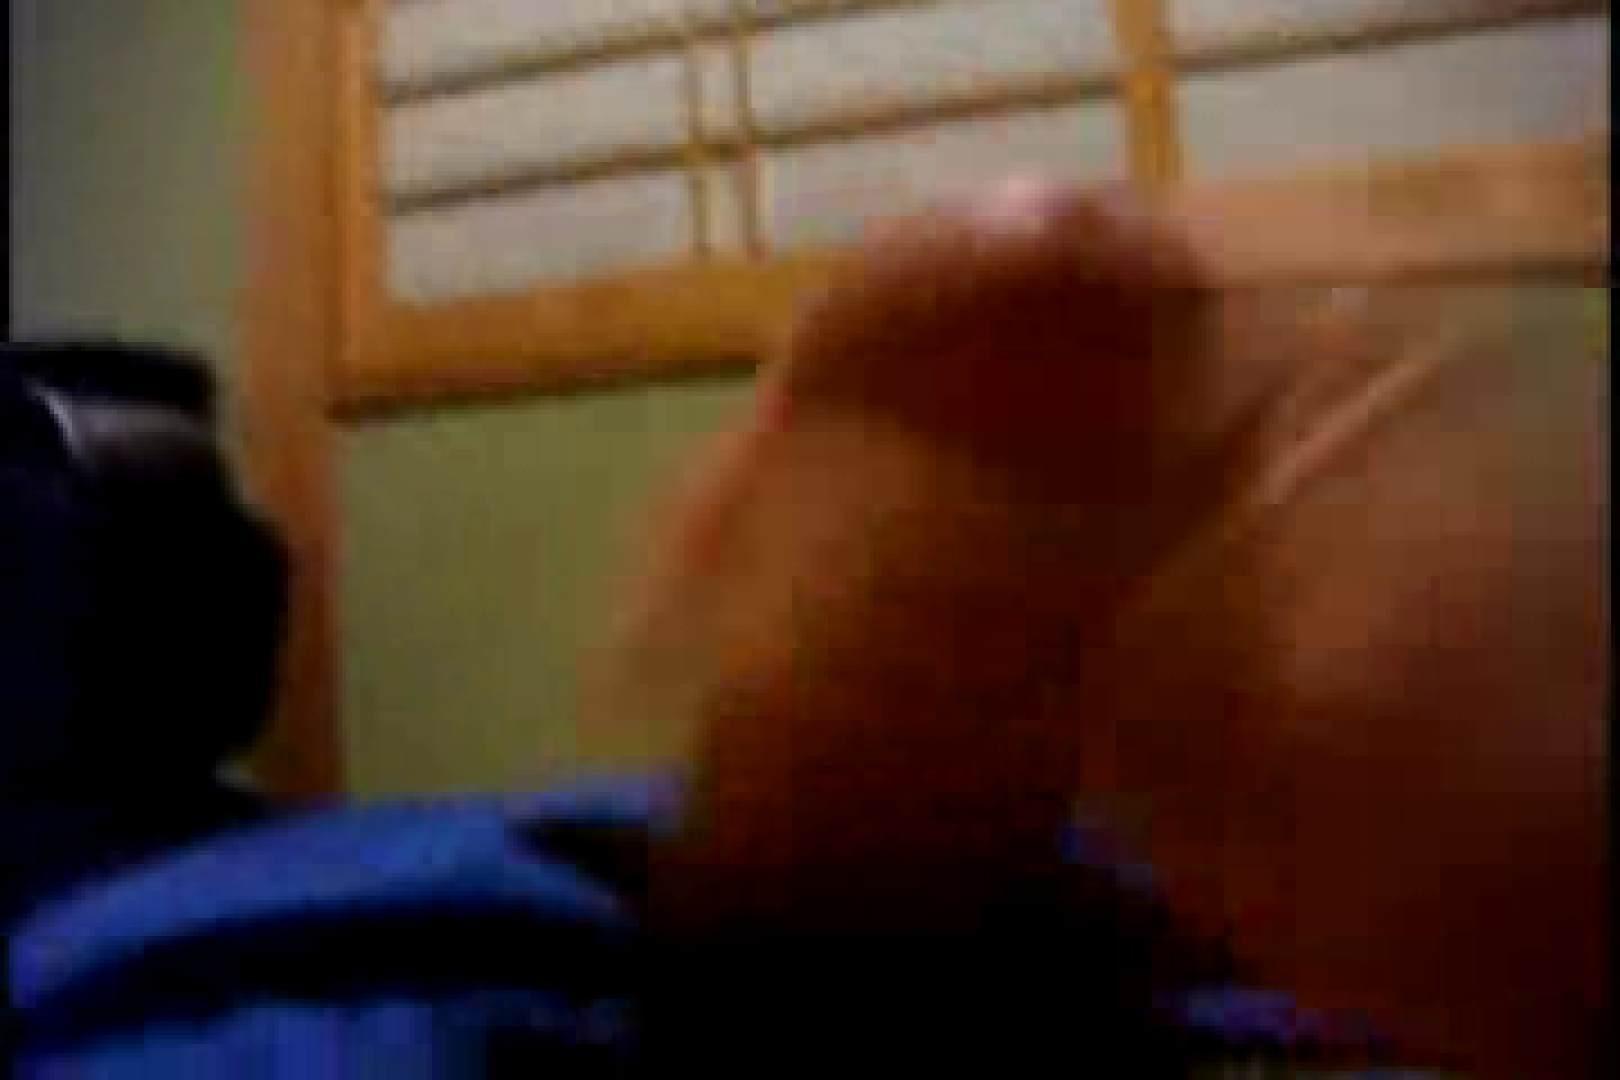 オナ好きノンケテニス部員の自画撮り投稿vol.02 オナニー アダルトビデオ画像キャプチャ 89pic 70